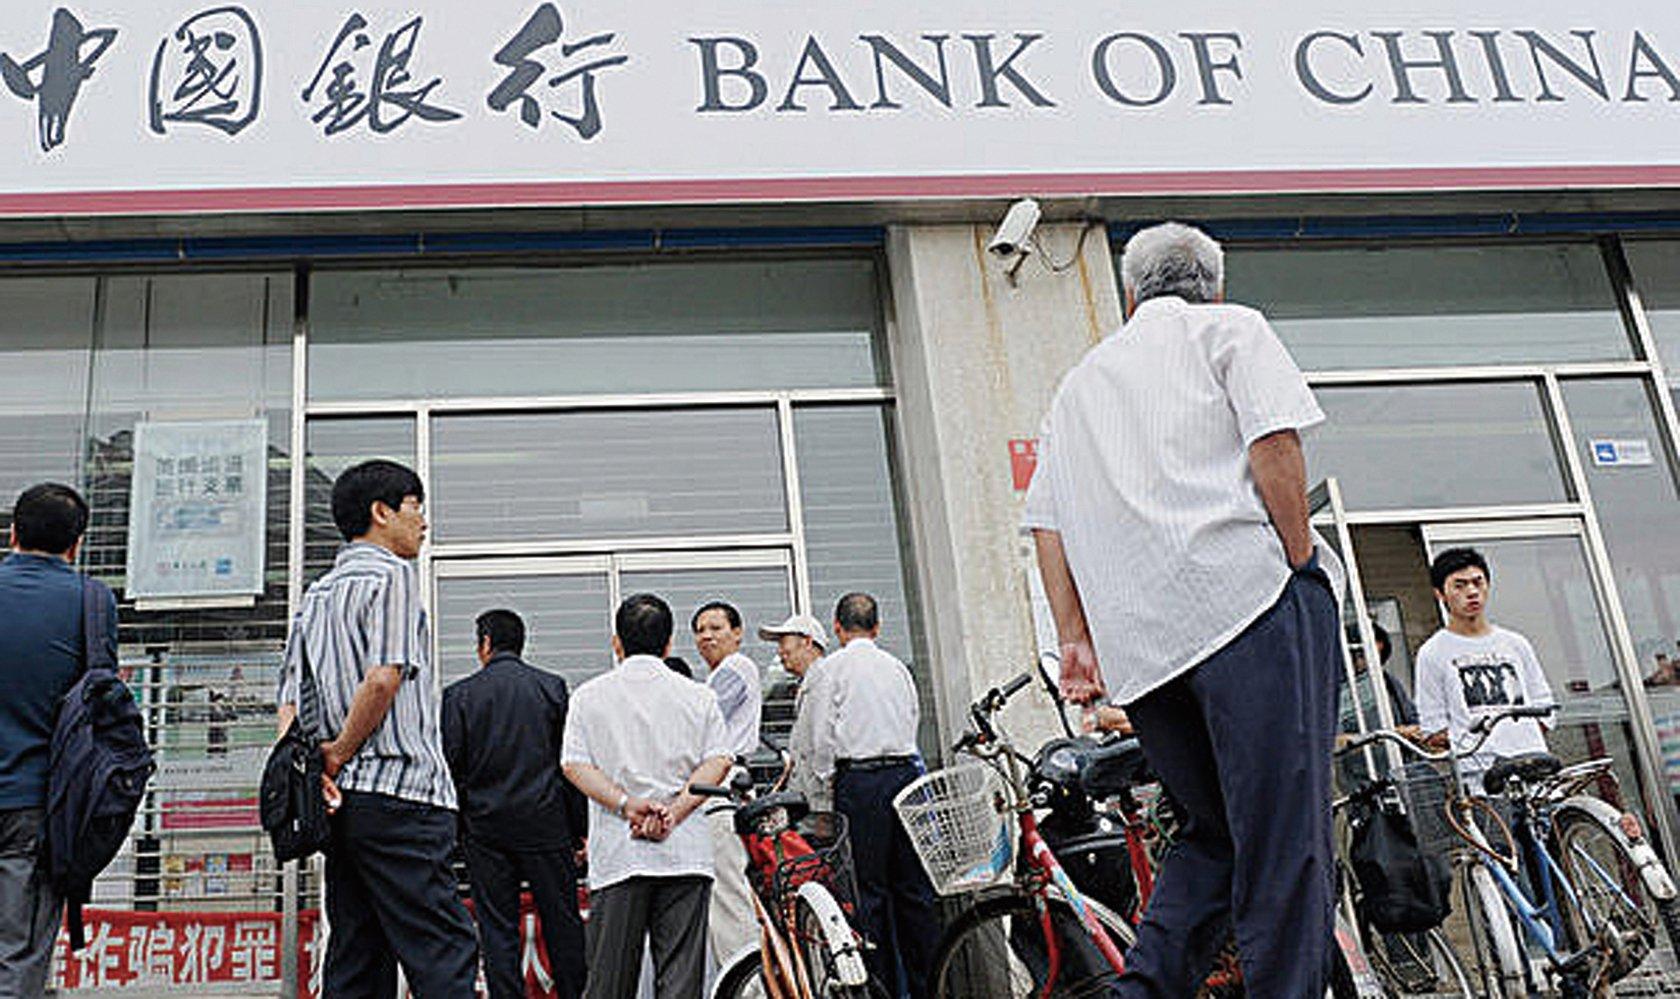 路透社近日引述分析表示,大陸銀行業利潤下滑、資金成本上升、經營艱難。 (Franko Lee/AFP)